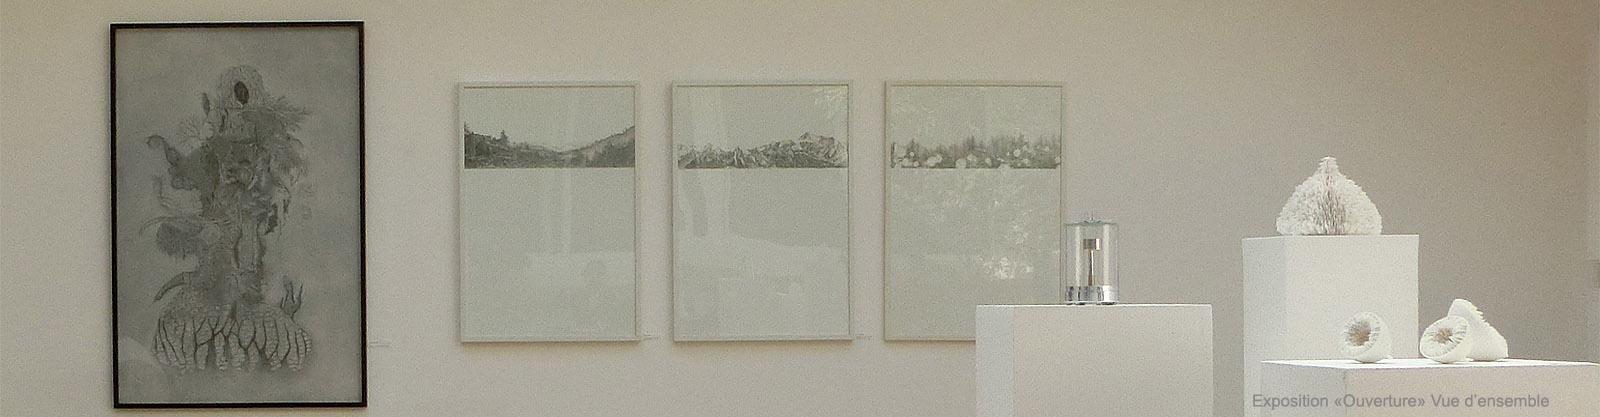 Vue d ensemble Exposition Ouverture Galerie Eko Sato